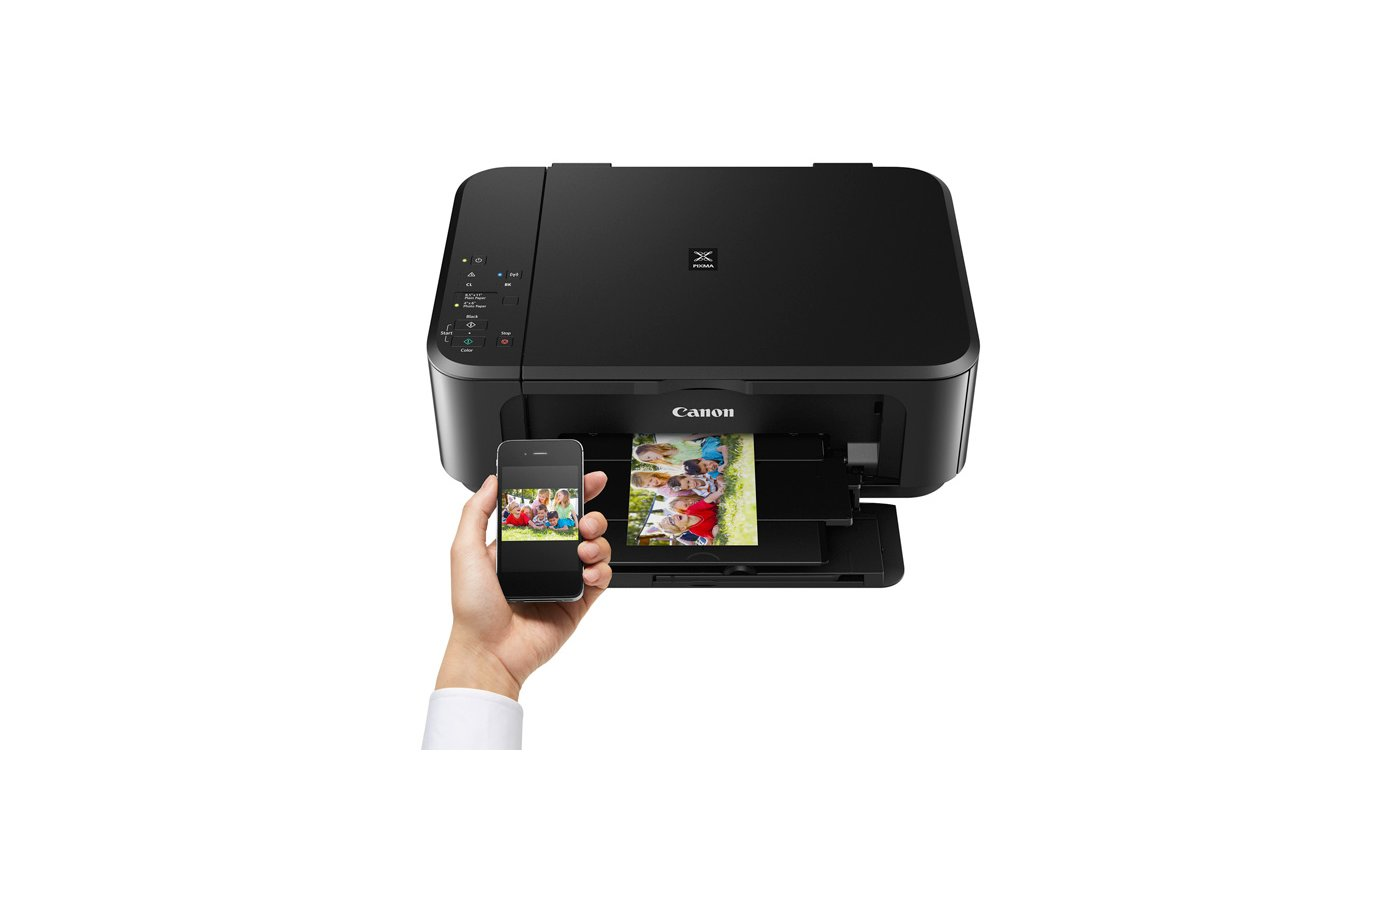 Descargar Driver Canon MG3620 Impresora Y Instalador Gratis